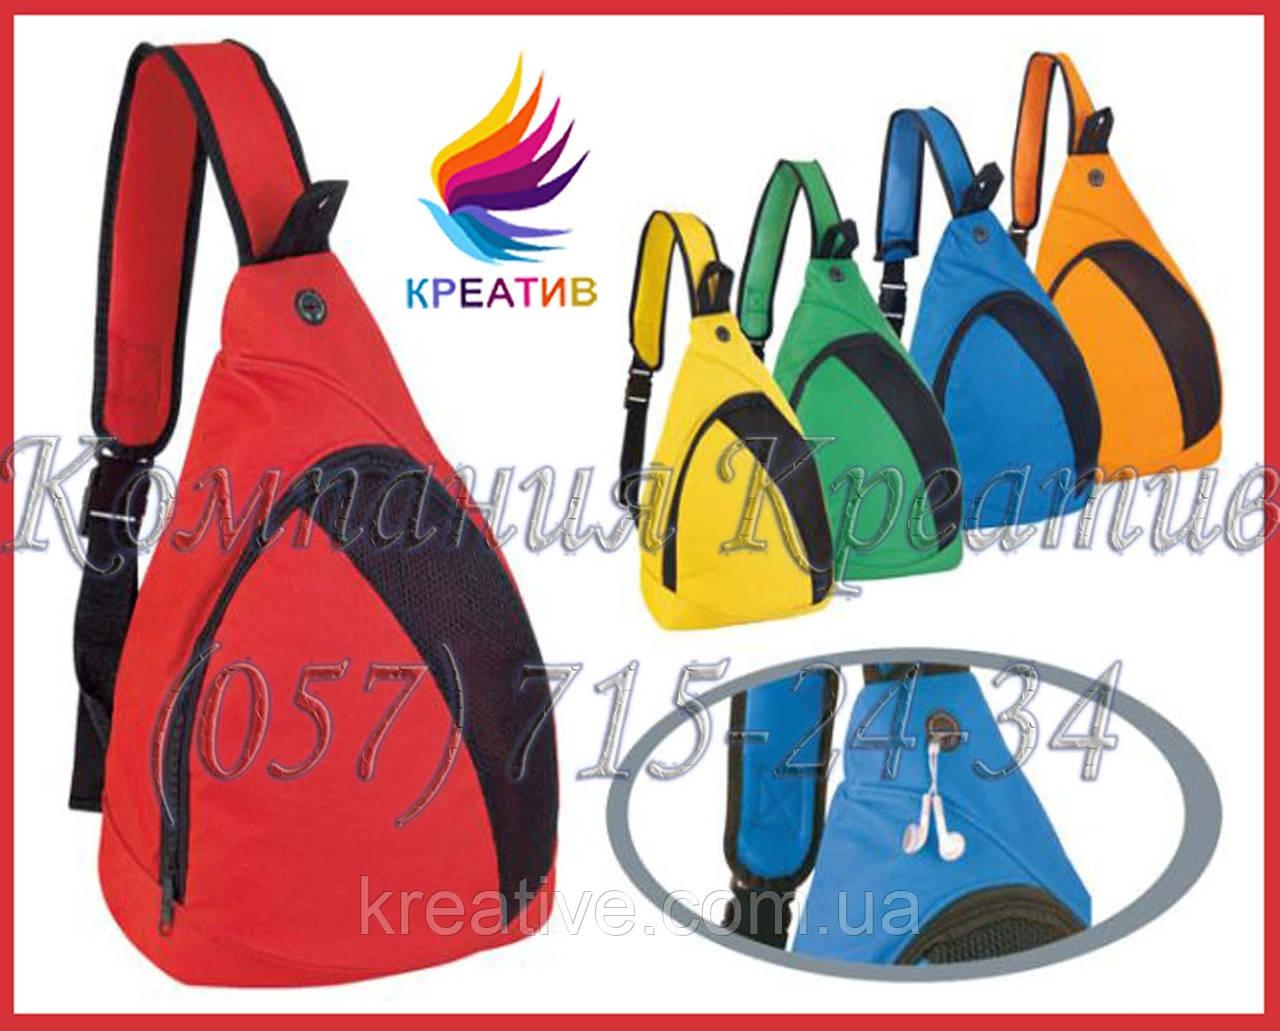 Текстильные рюкзаки с Вашим логотипом (под заказ от 50 шт)